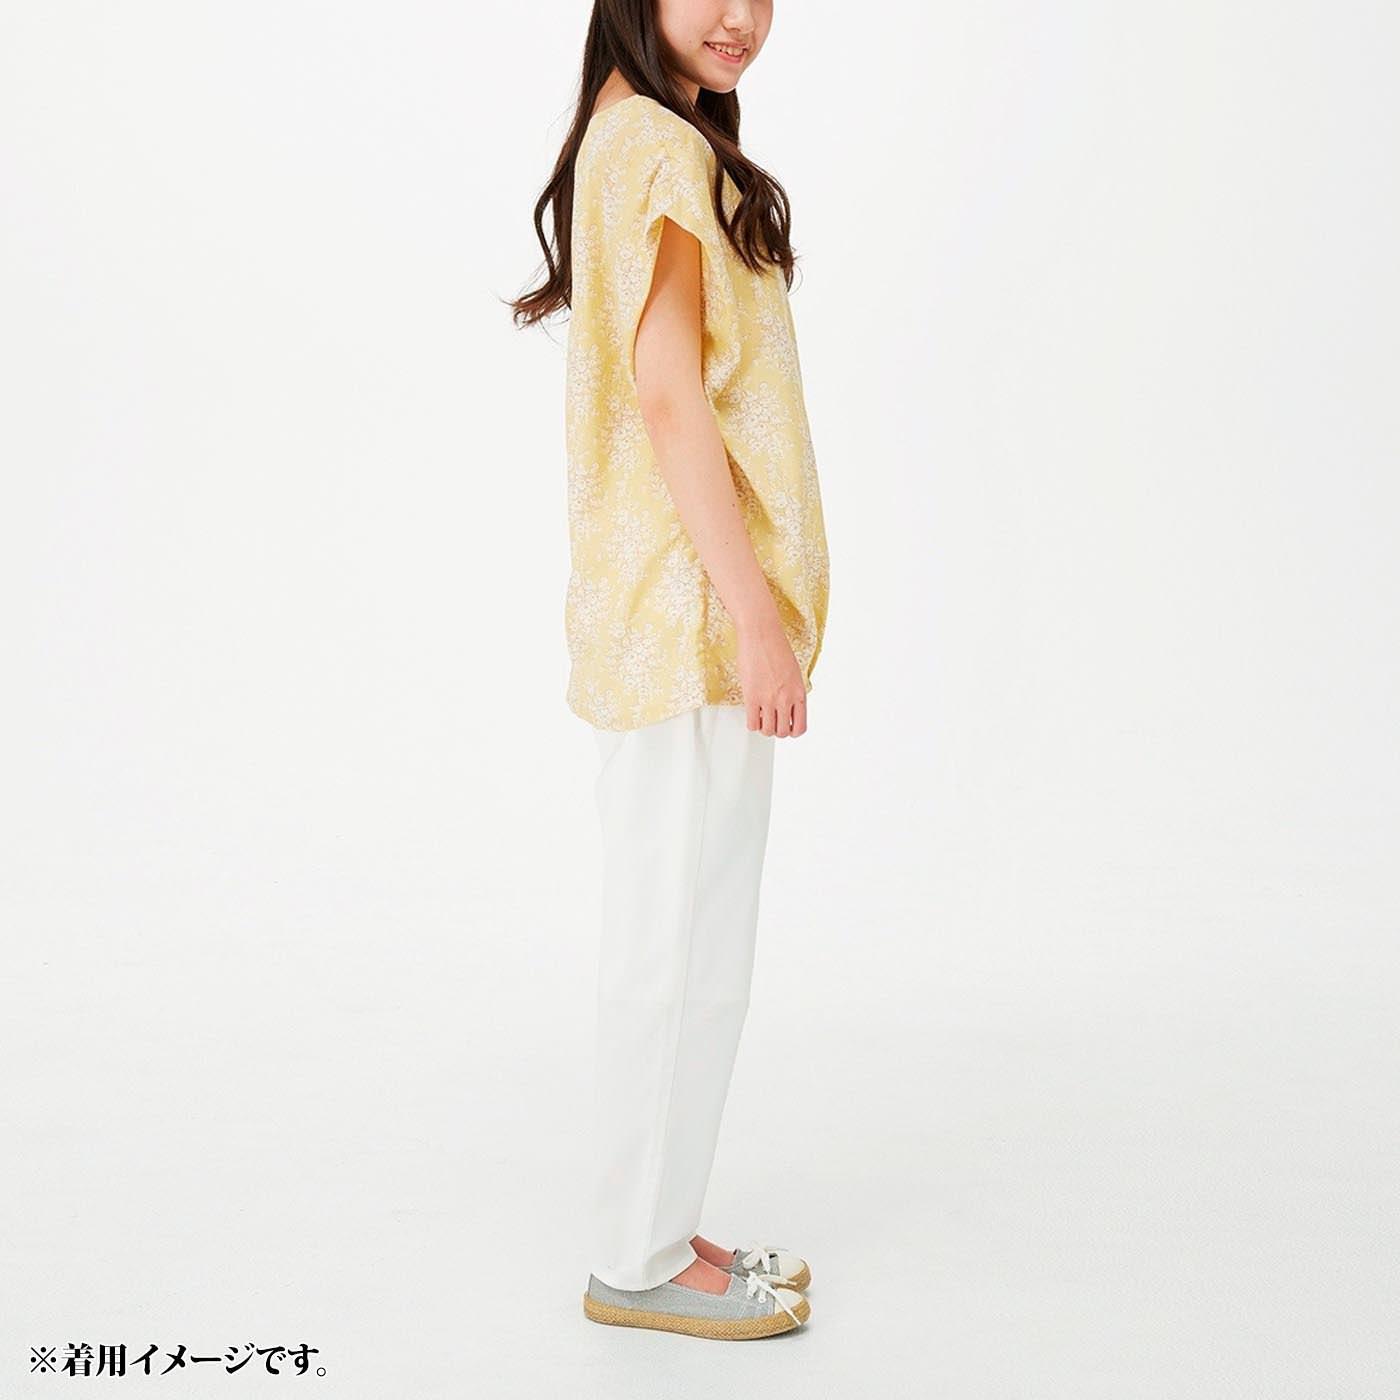 これは参考画像です。中心を合わせて衿を挟み込んで。後ろは少し長め丈で腰まわりをカバー。